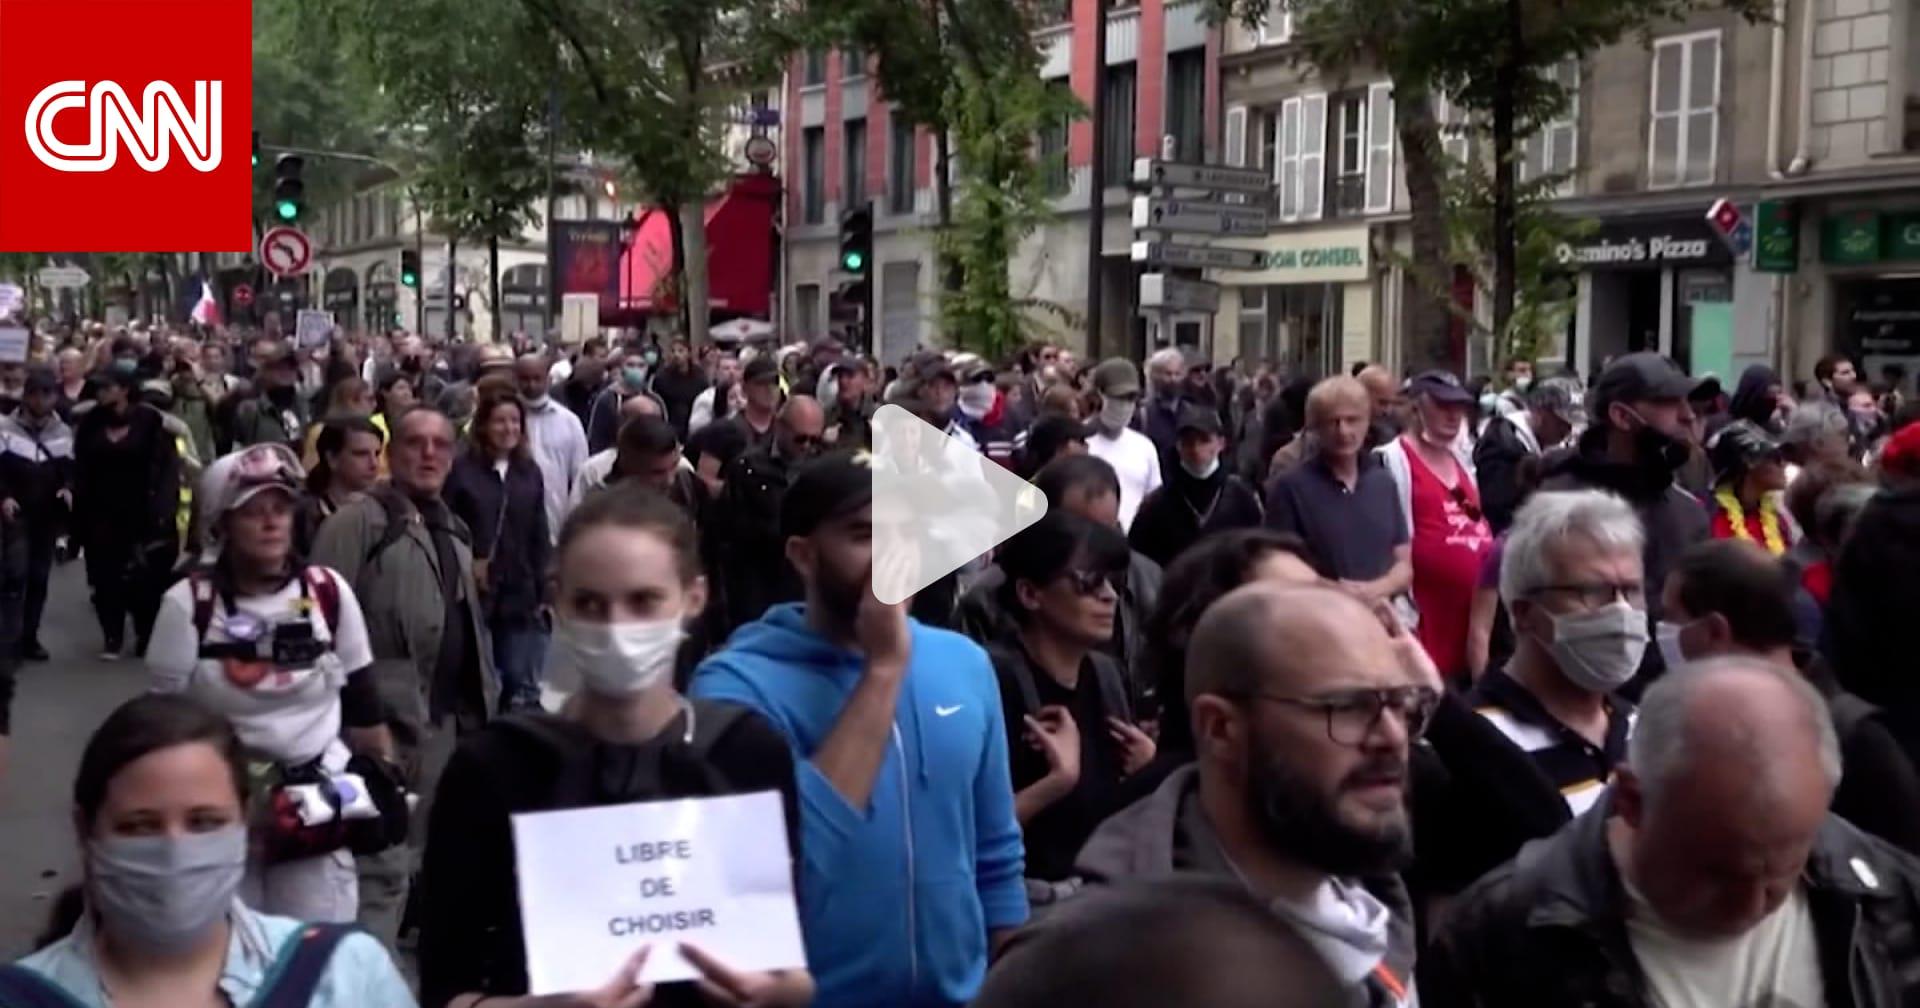 متطلبات لقاح جديدة للمطاعم والحانات تسبب احتجاجات من المواطنين بفرنسا